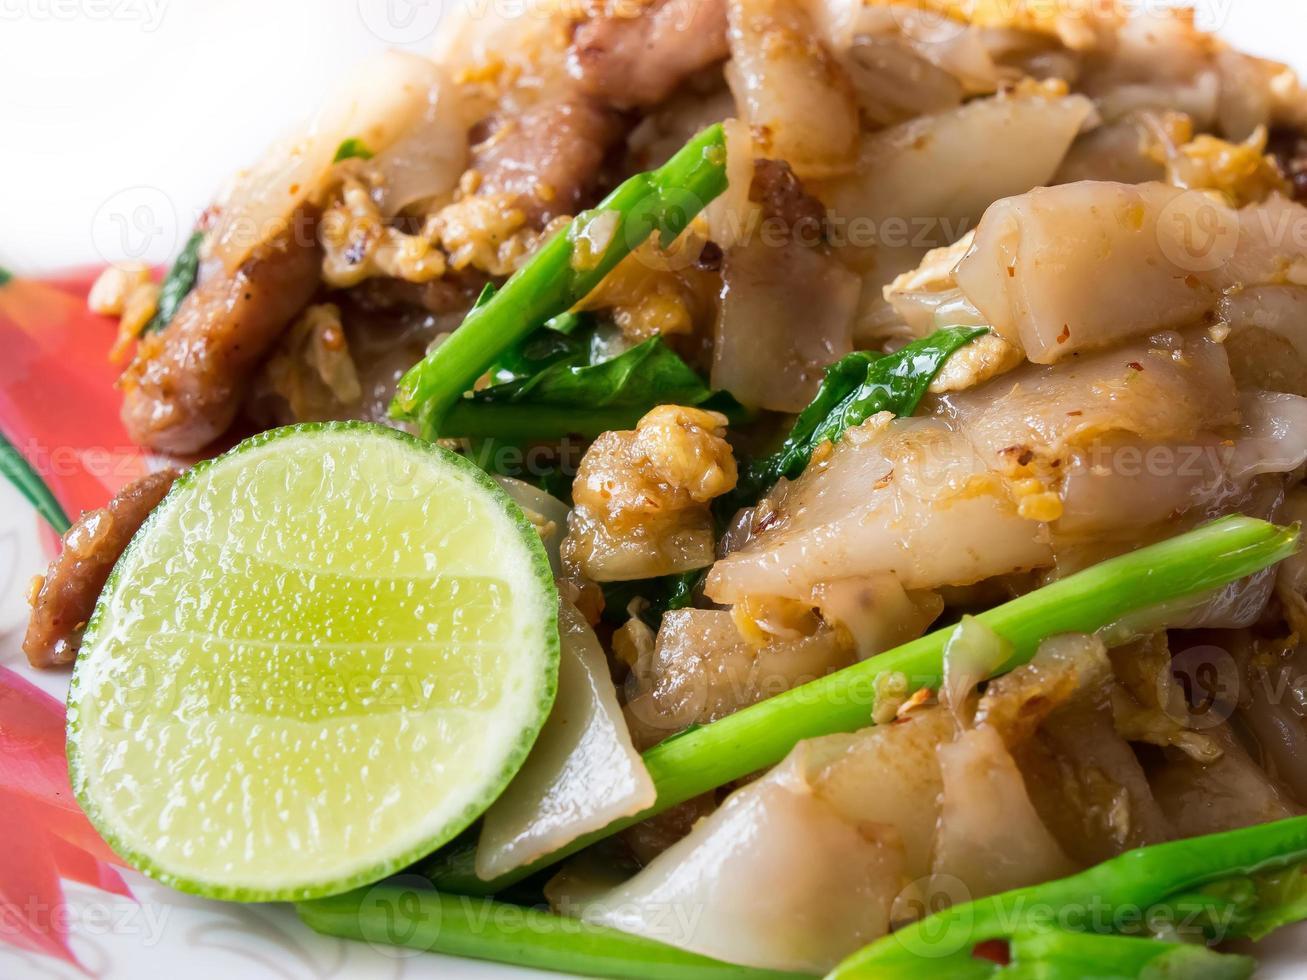 gebratene Reisnudeln, ist eine der thailändischen Staatsangehörigen foto